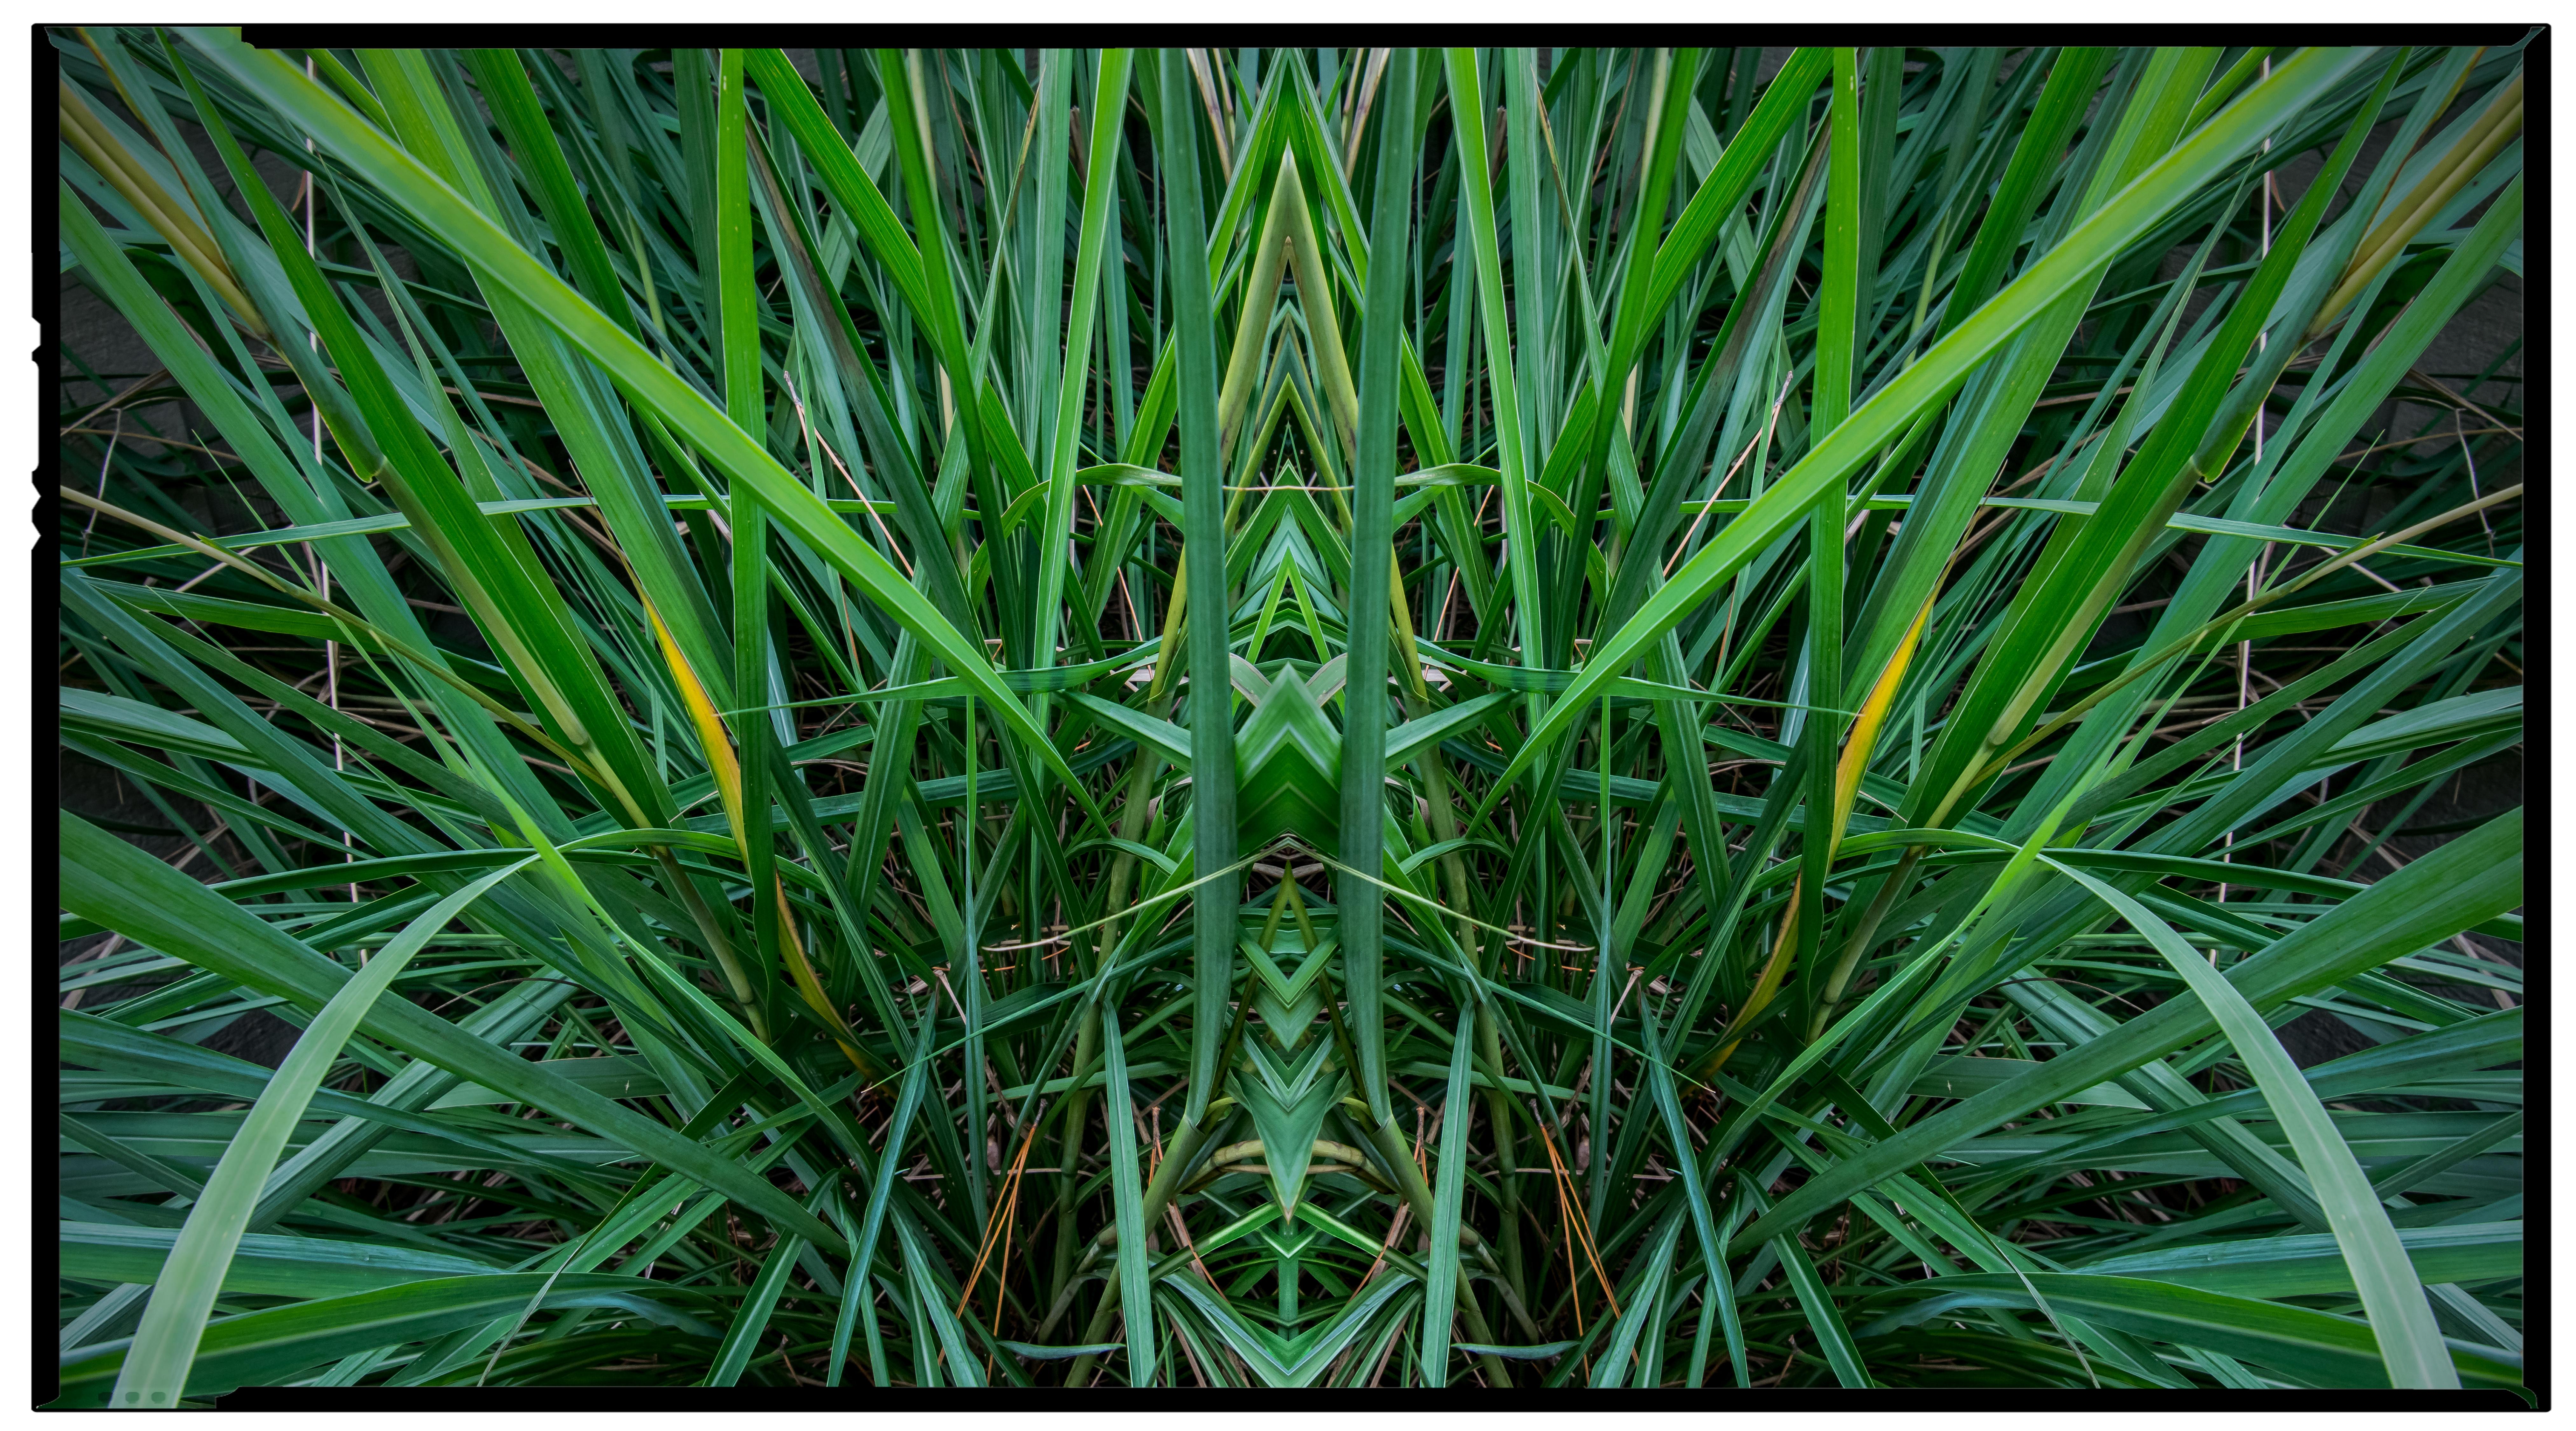 October - Grasses